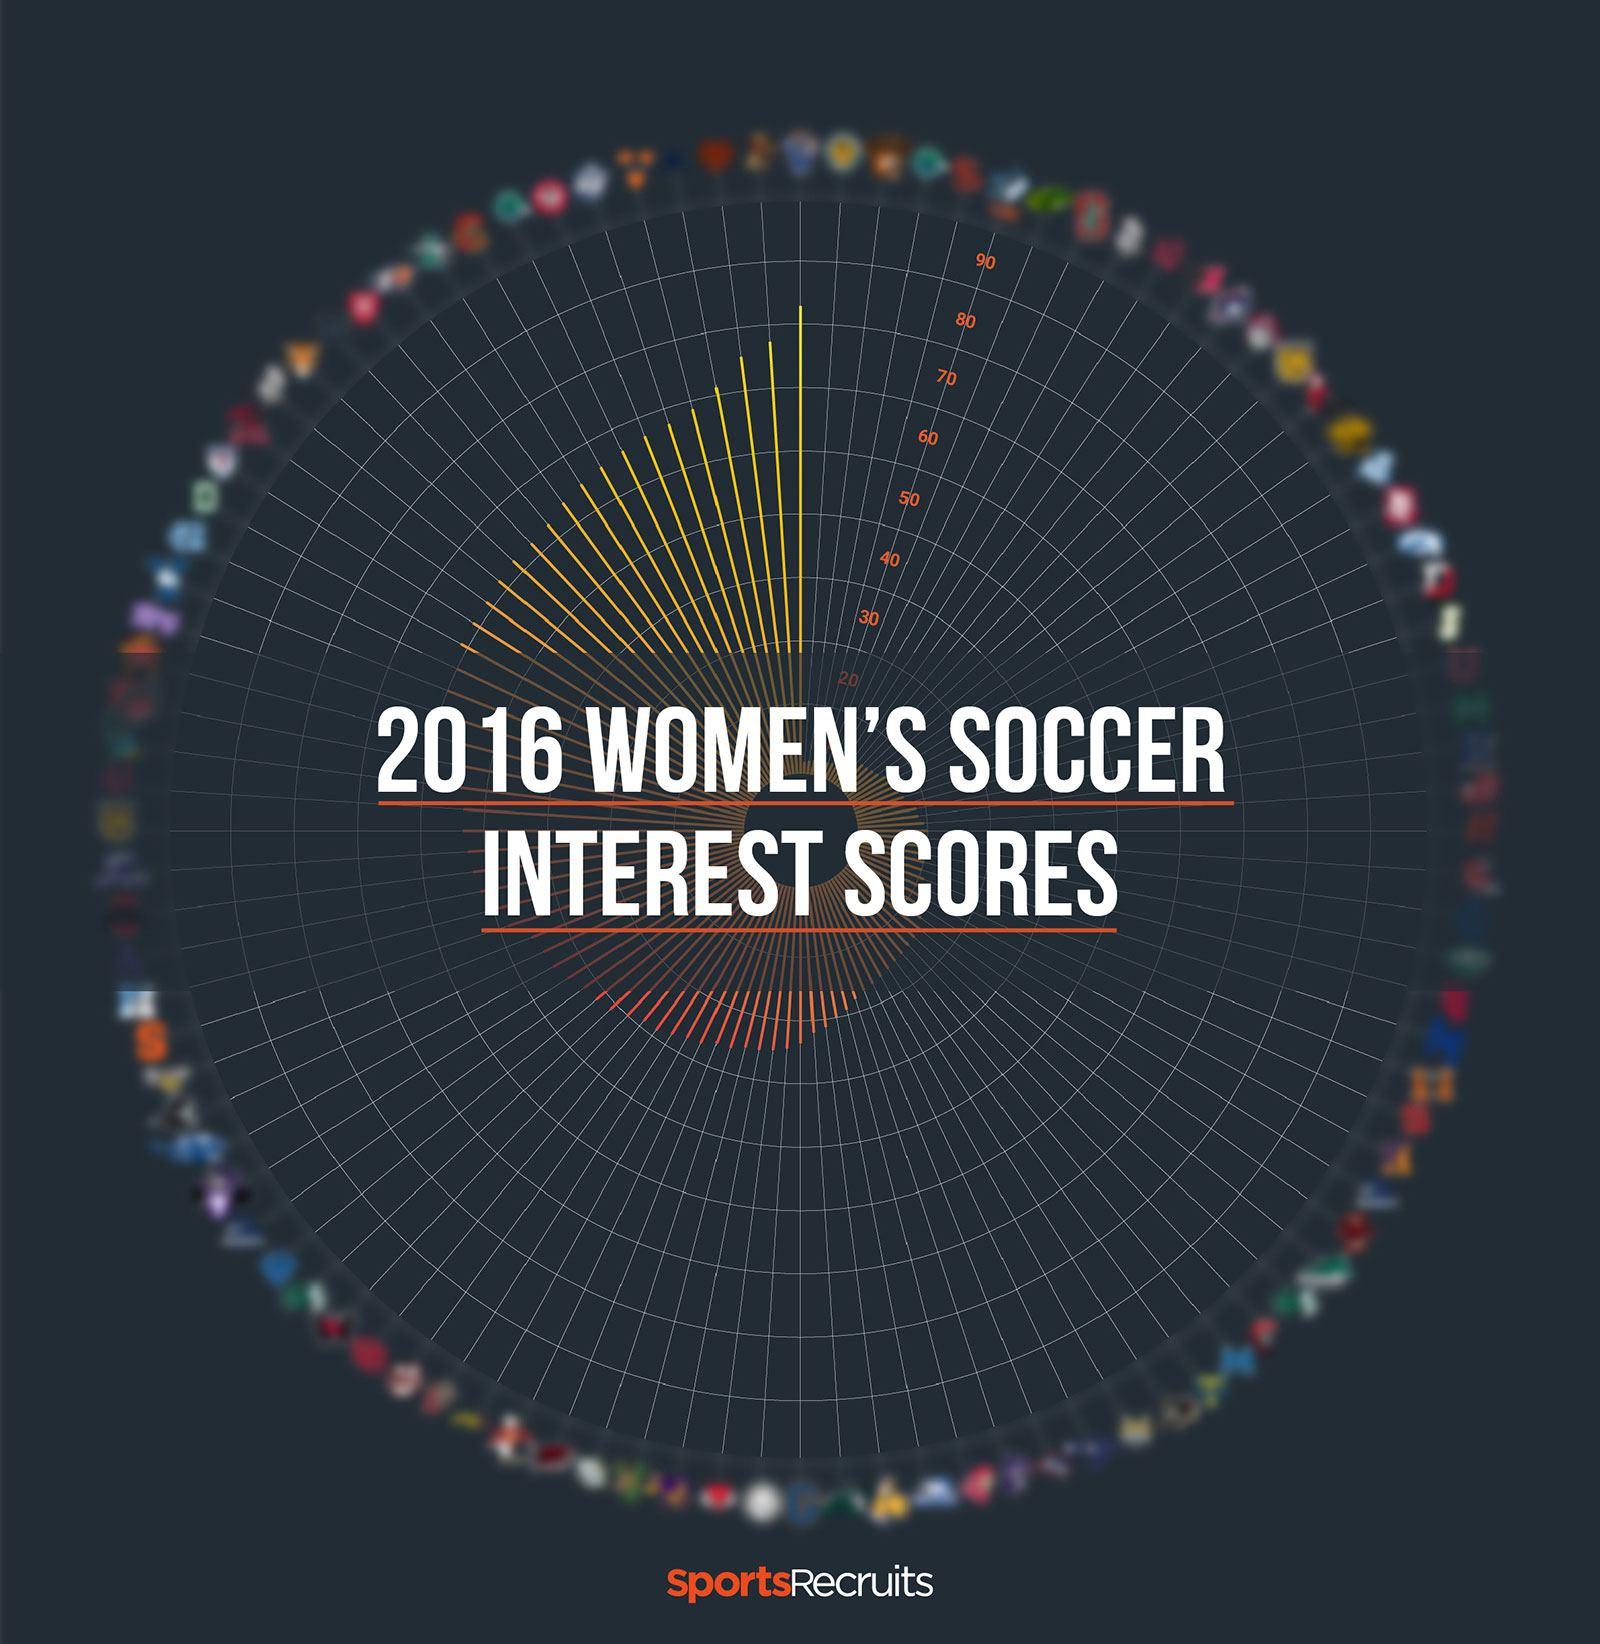 2016 Women's Soccer Interest Scores